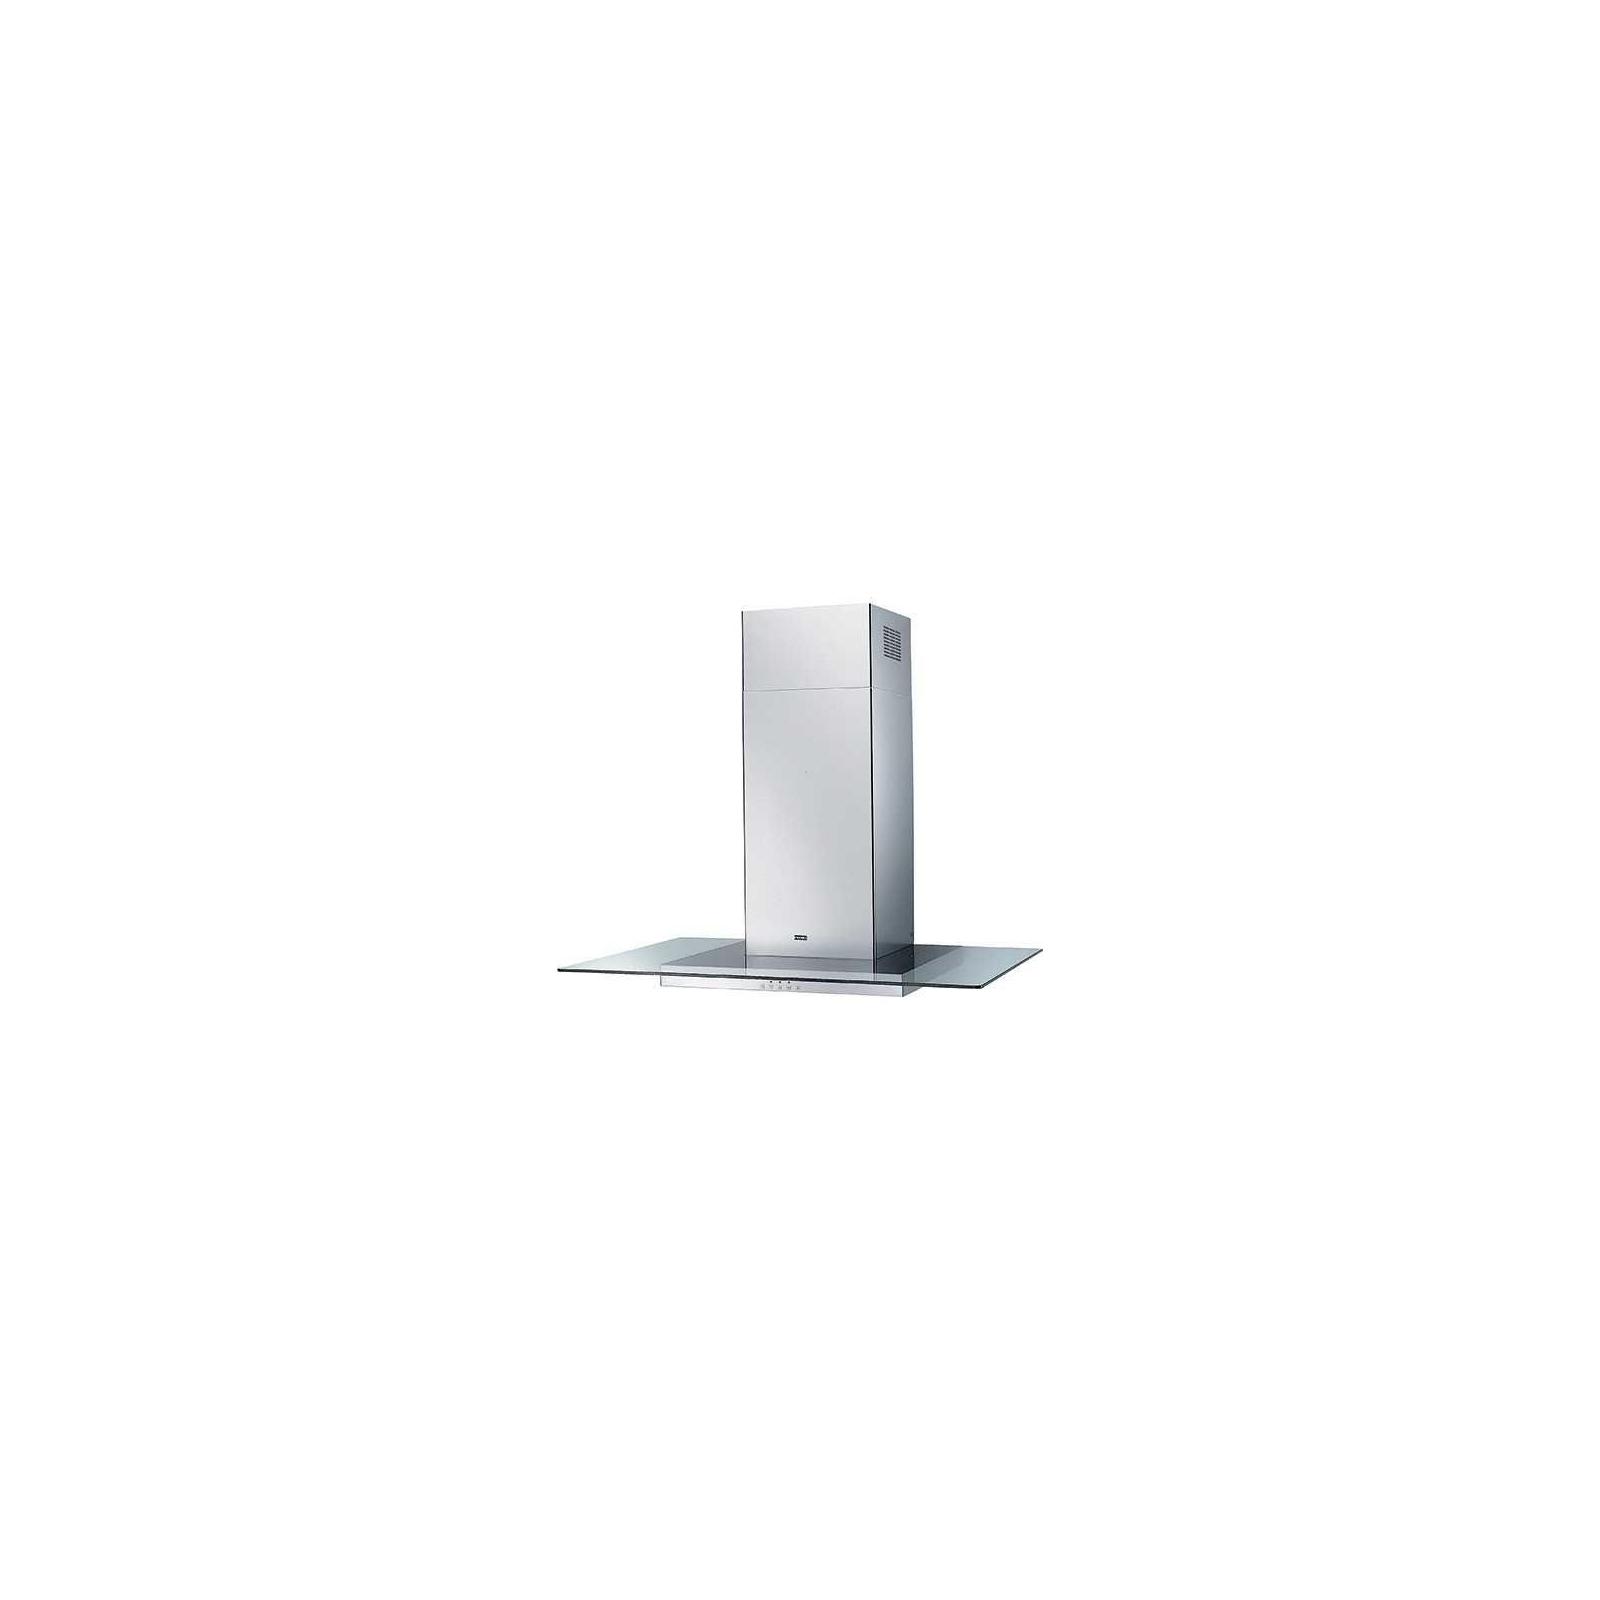 Вытяжка кухонная Franke Glass Linear FGL 905-P XS LED0 (325.0518.784)